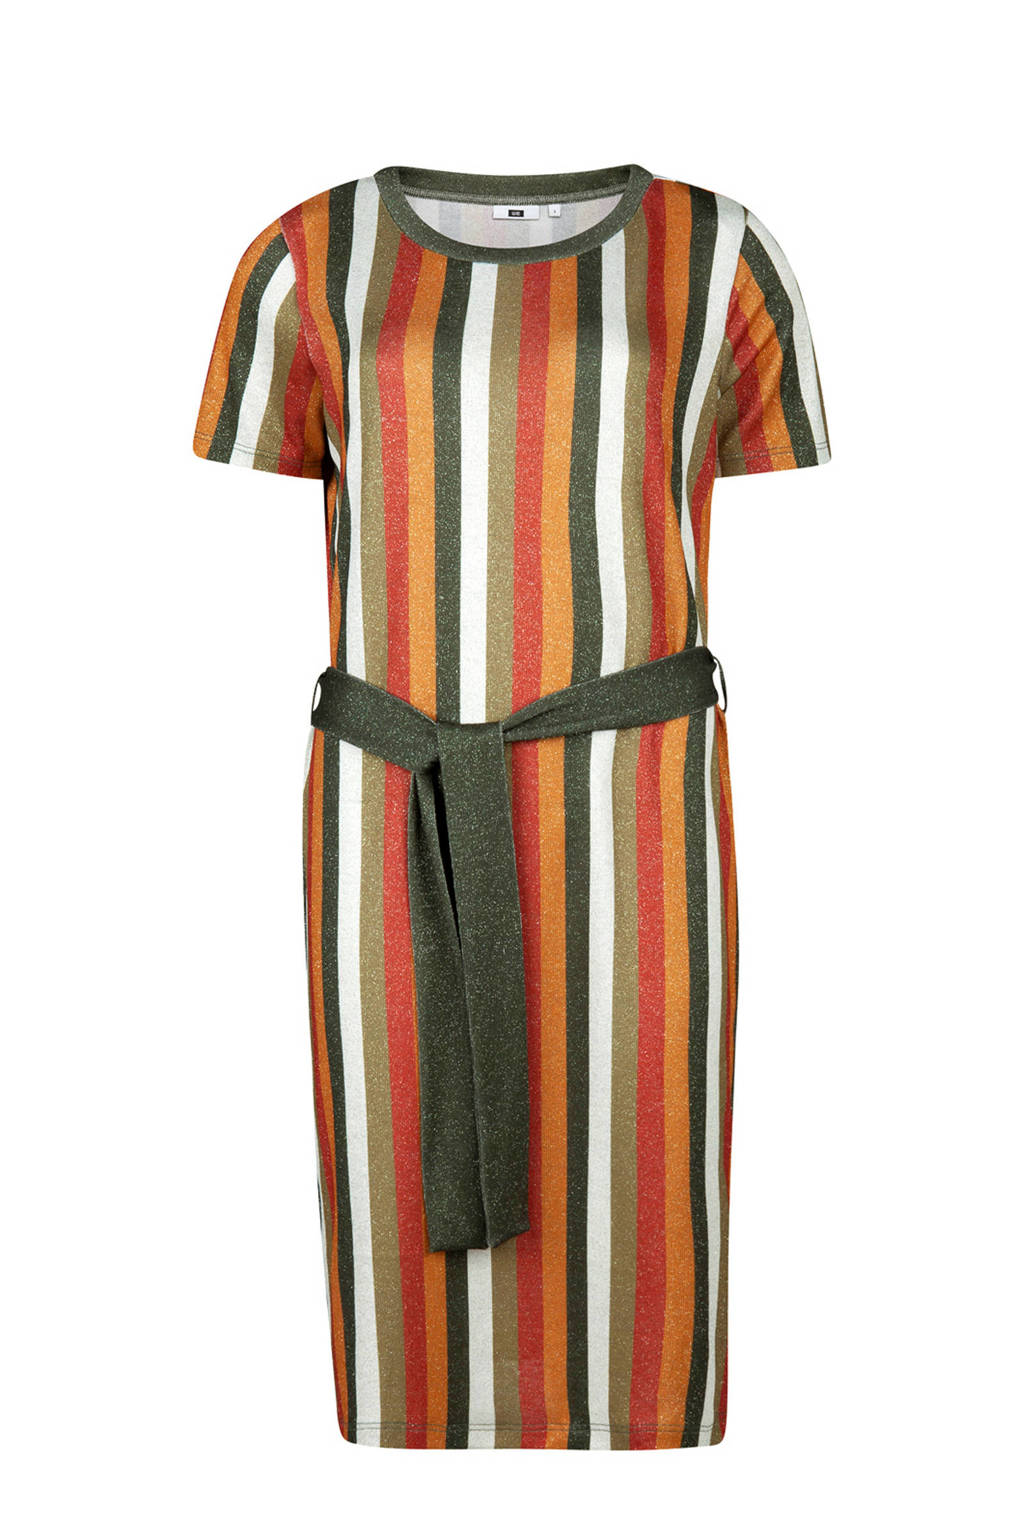 WE Fashion gestreepte jurk, Groen/oker